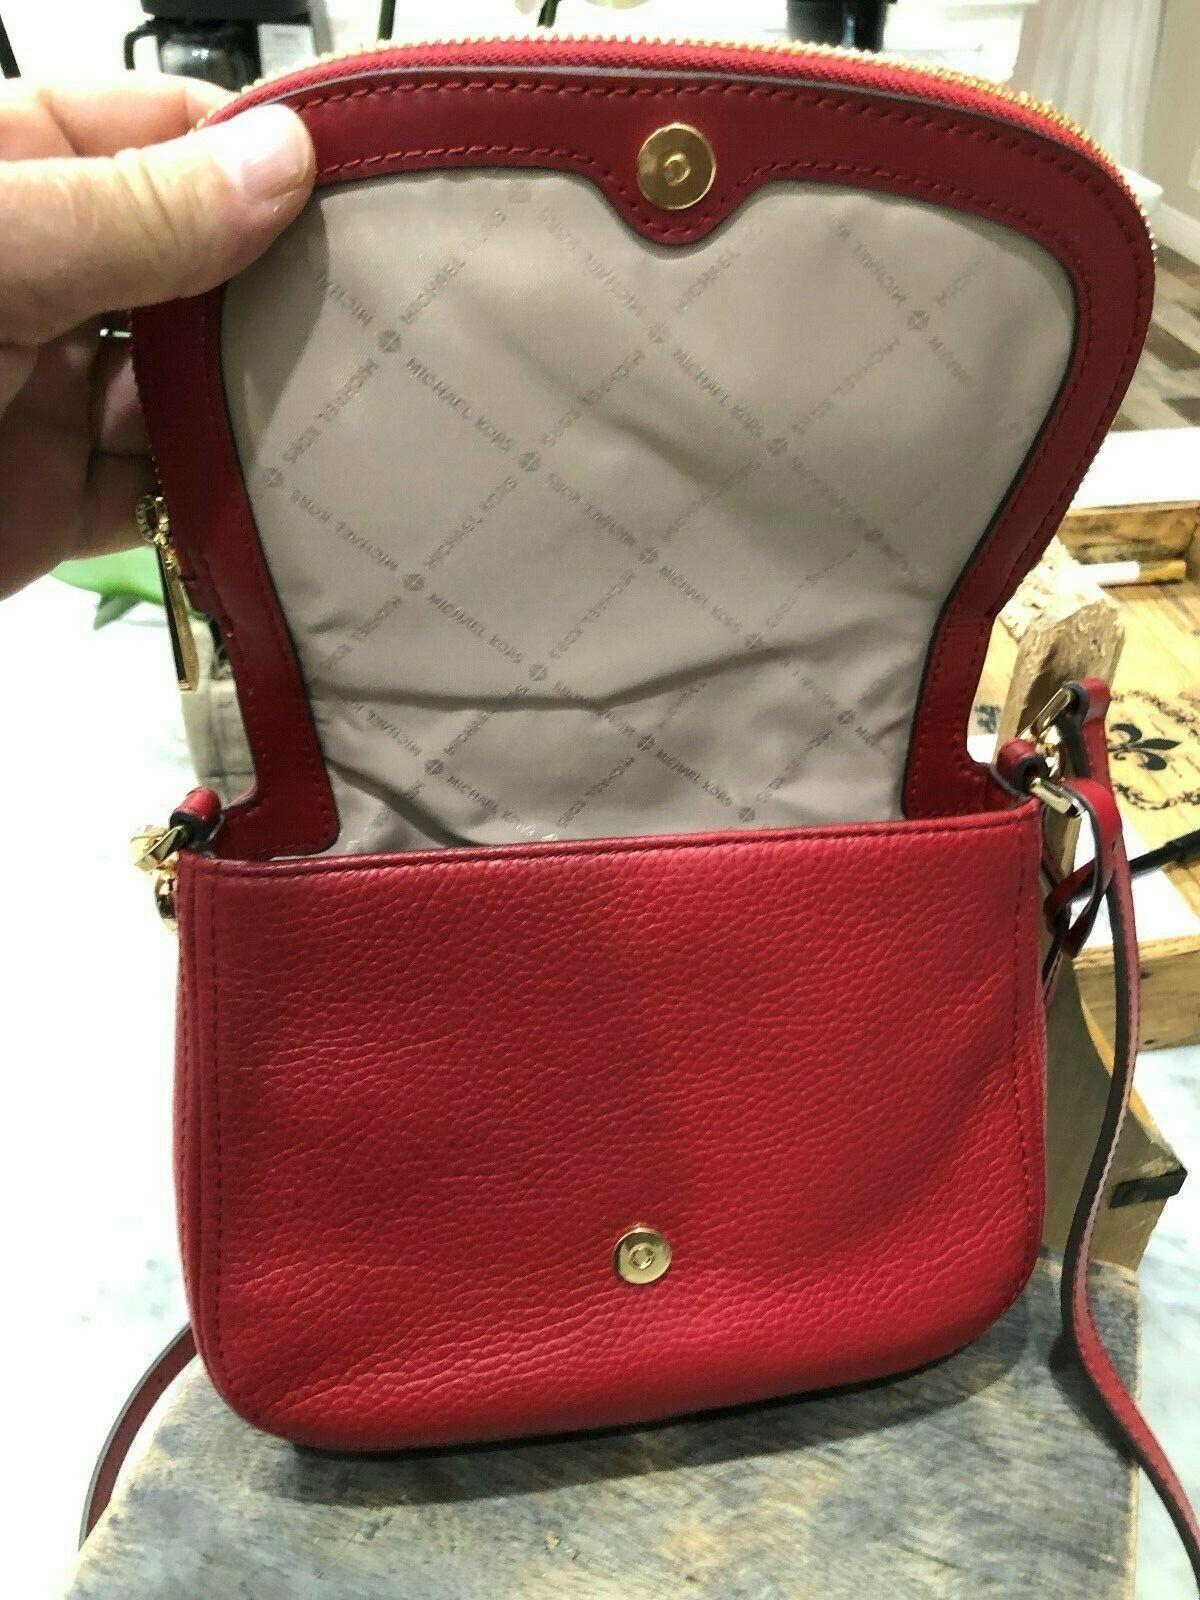 Michael Kors Classics Bedford Pocket Flap Small Crossbody Bag Pebbled $298 New image 5